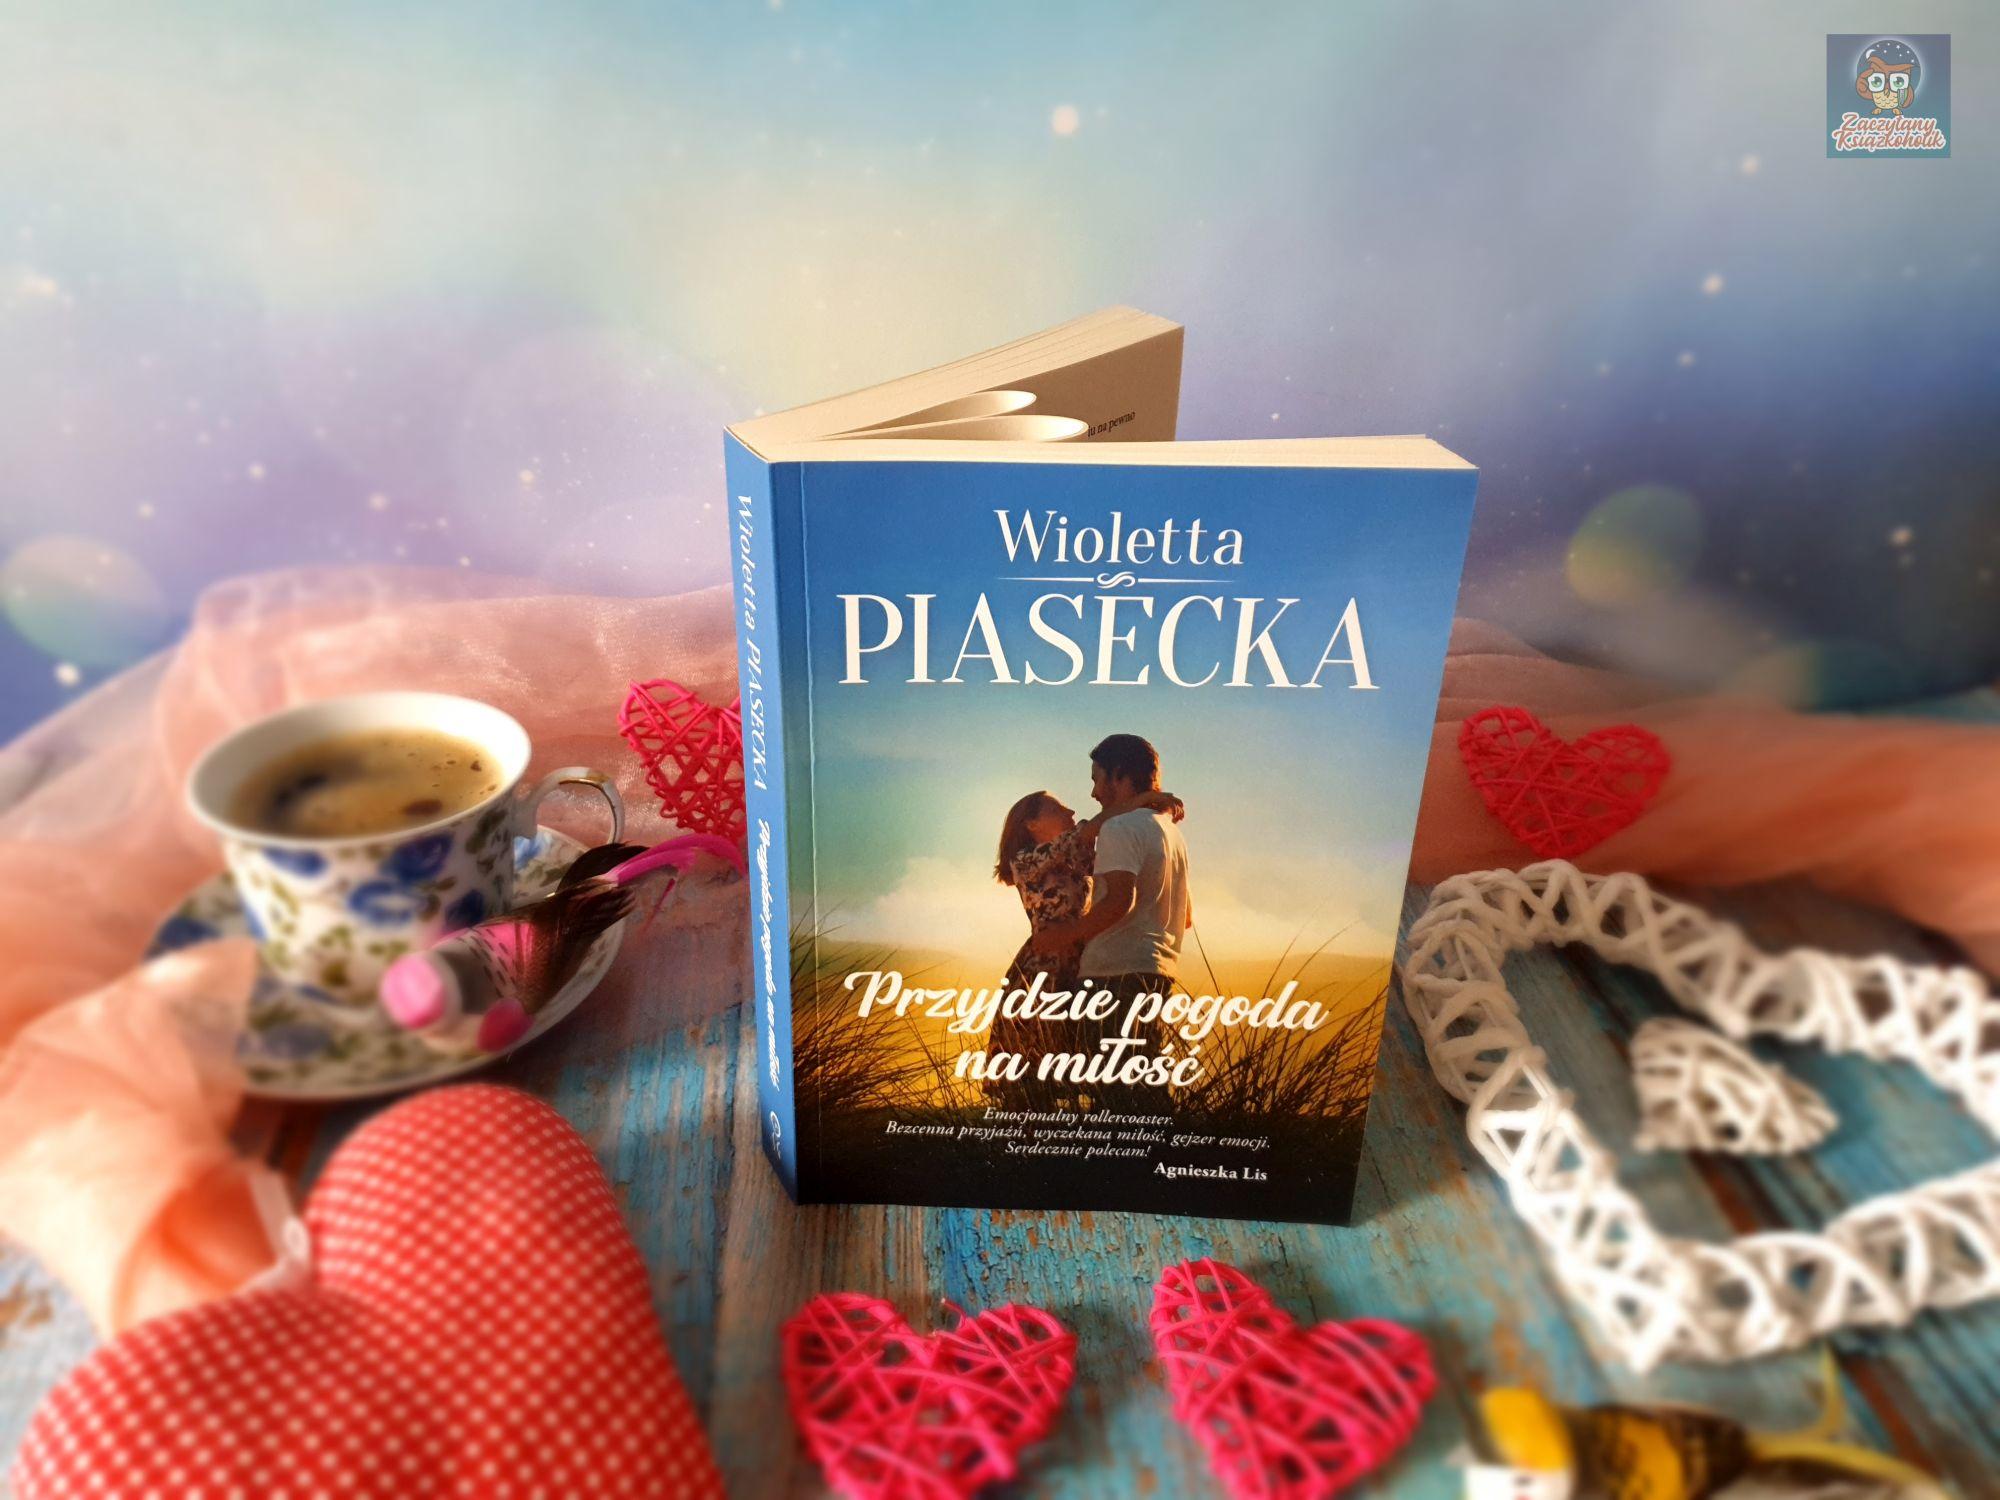 Wioletta Piasecka, Przyjdzie pogoda na miłość, zaczytanyksiazkoholik.pl